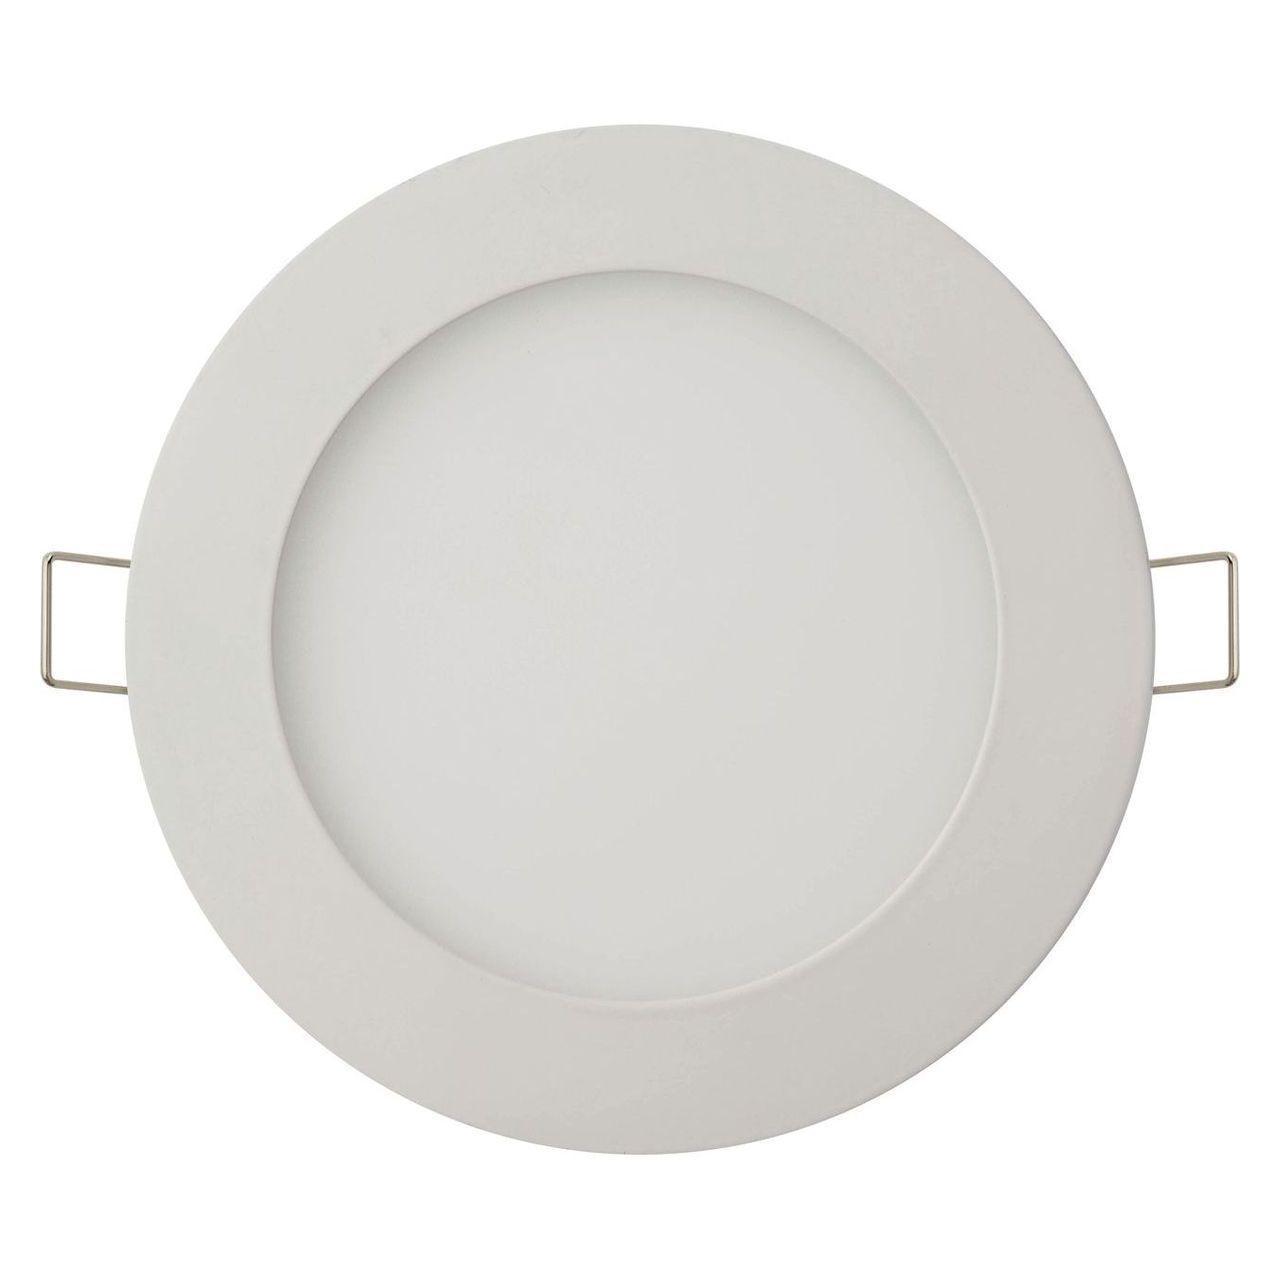 цена на Встраиваемый светодиодный светильник Horoz Slim-9 9W 2700K 056-003-0009